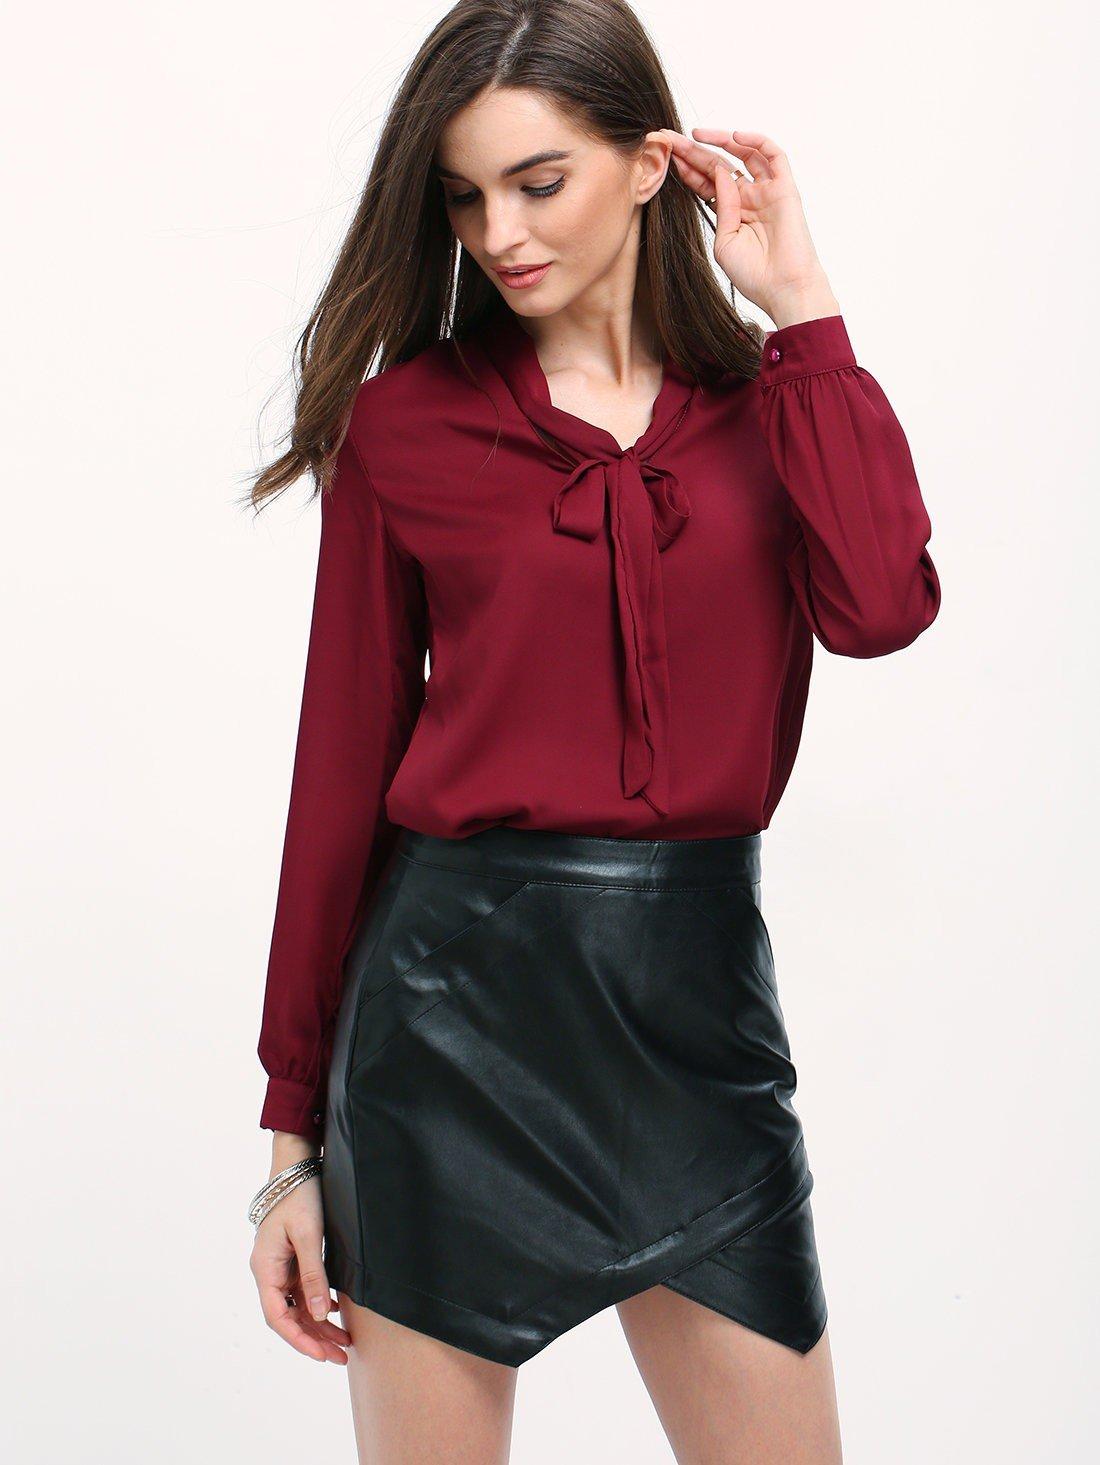 блузка офисная бордовая рукав длинный с бантом